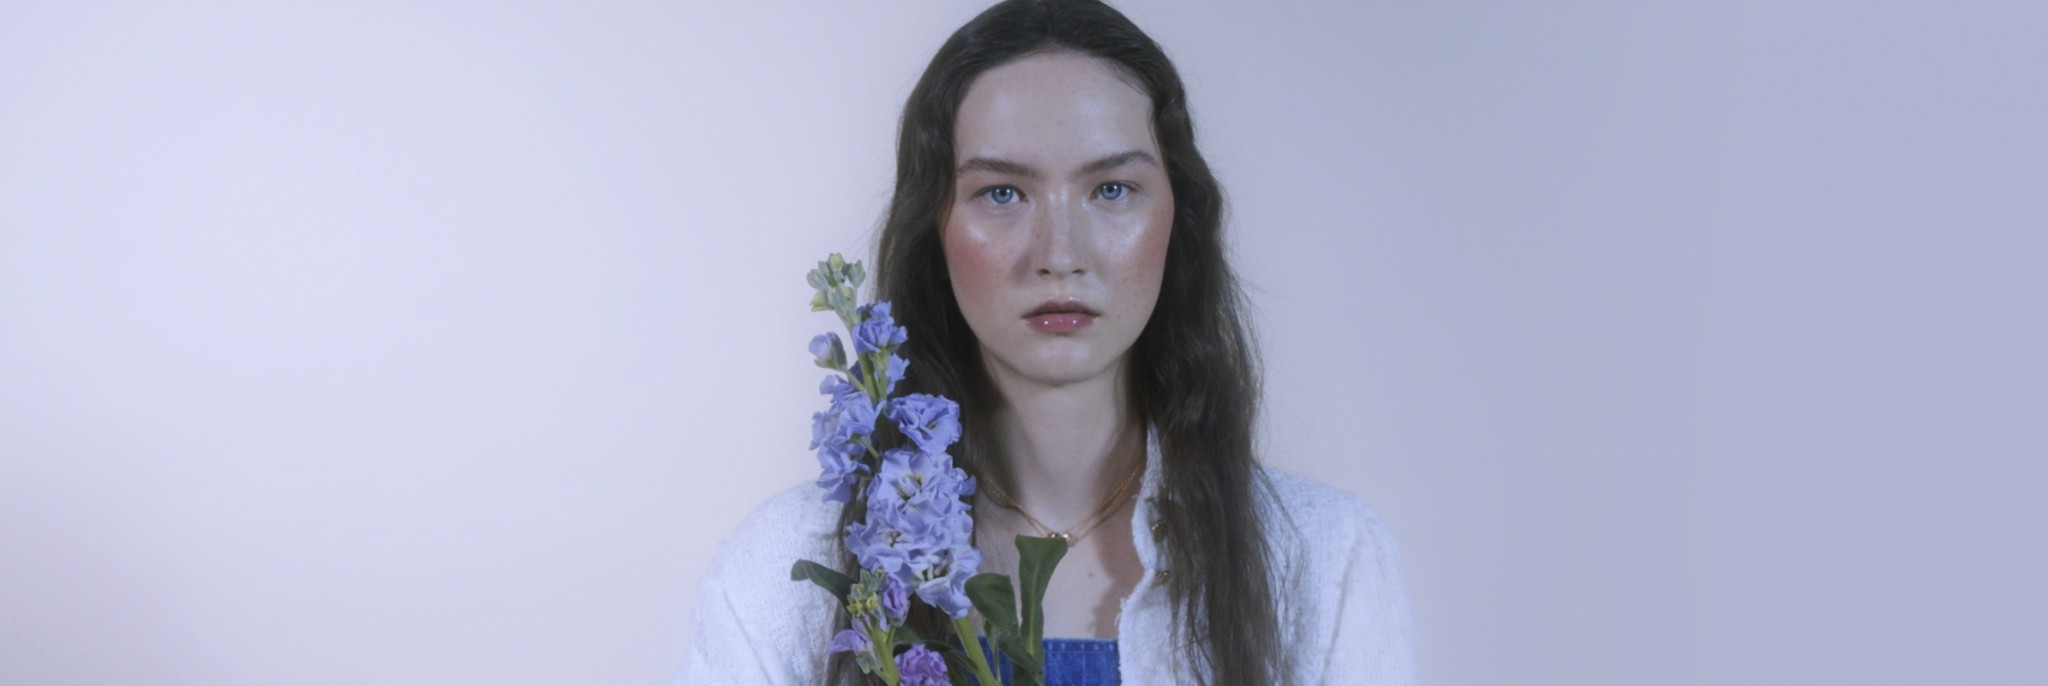 Beauty and Floral Art Collide in 'Les Fleurs de Chanel' Makeup Collection